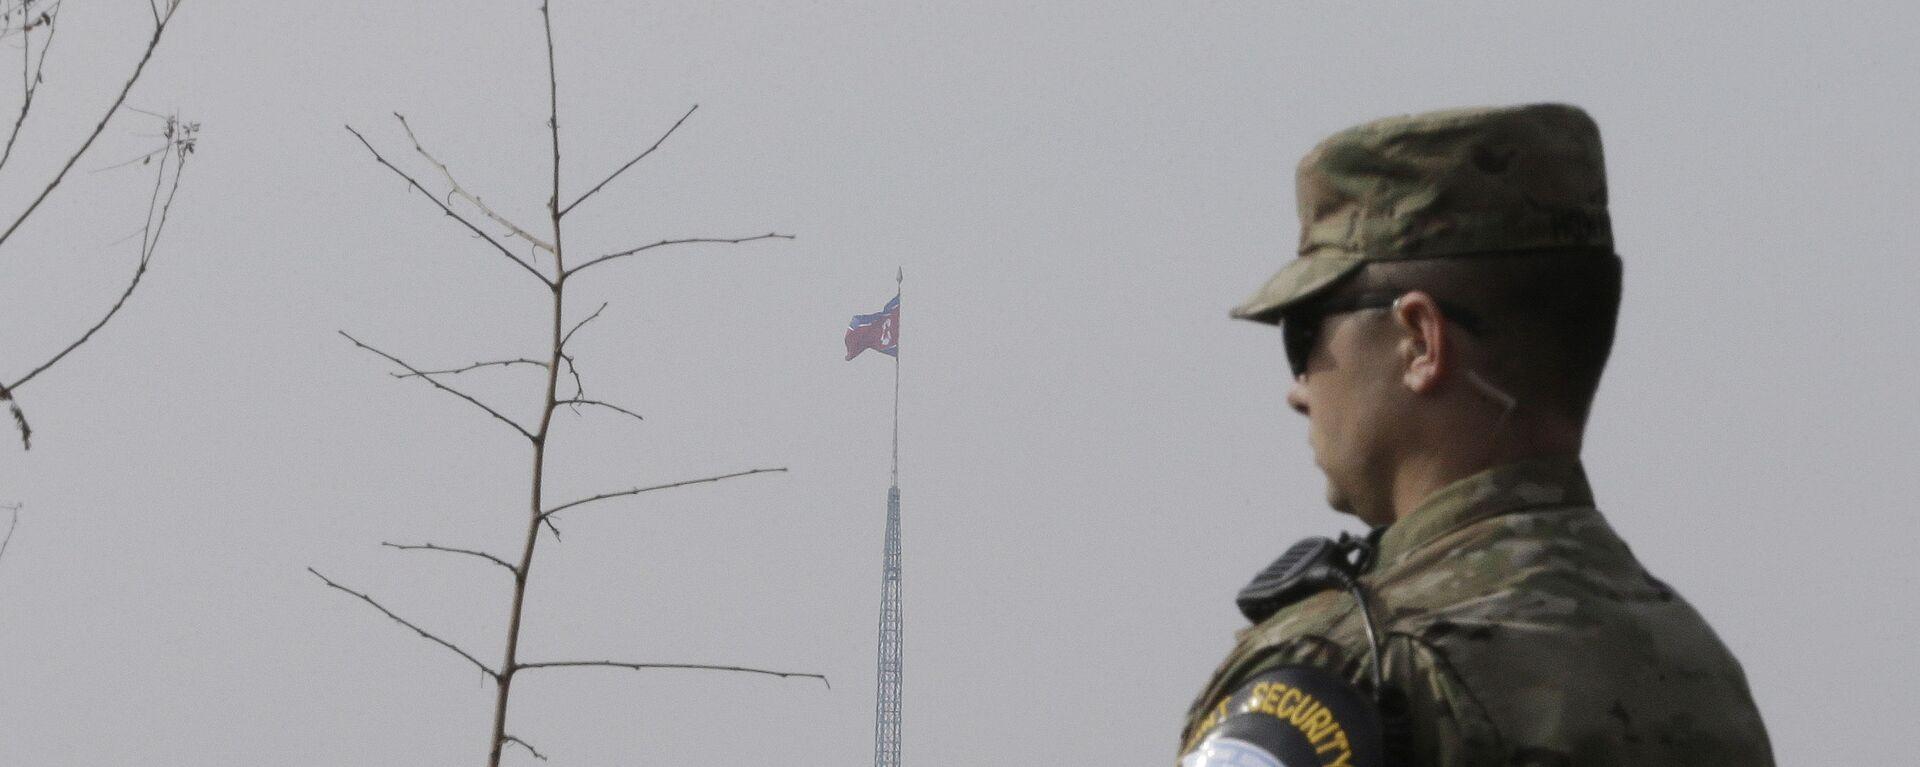 Americký voják na hranici Jižní Koreji a KLDR - Sputnik Česká republika, 1920, 28.06.2021